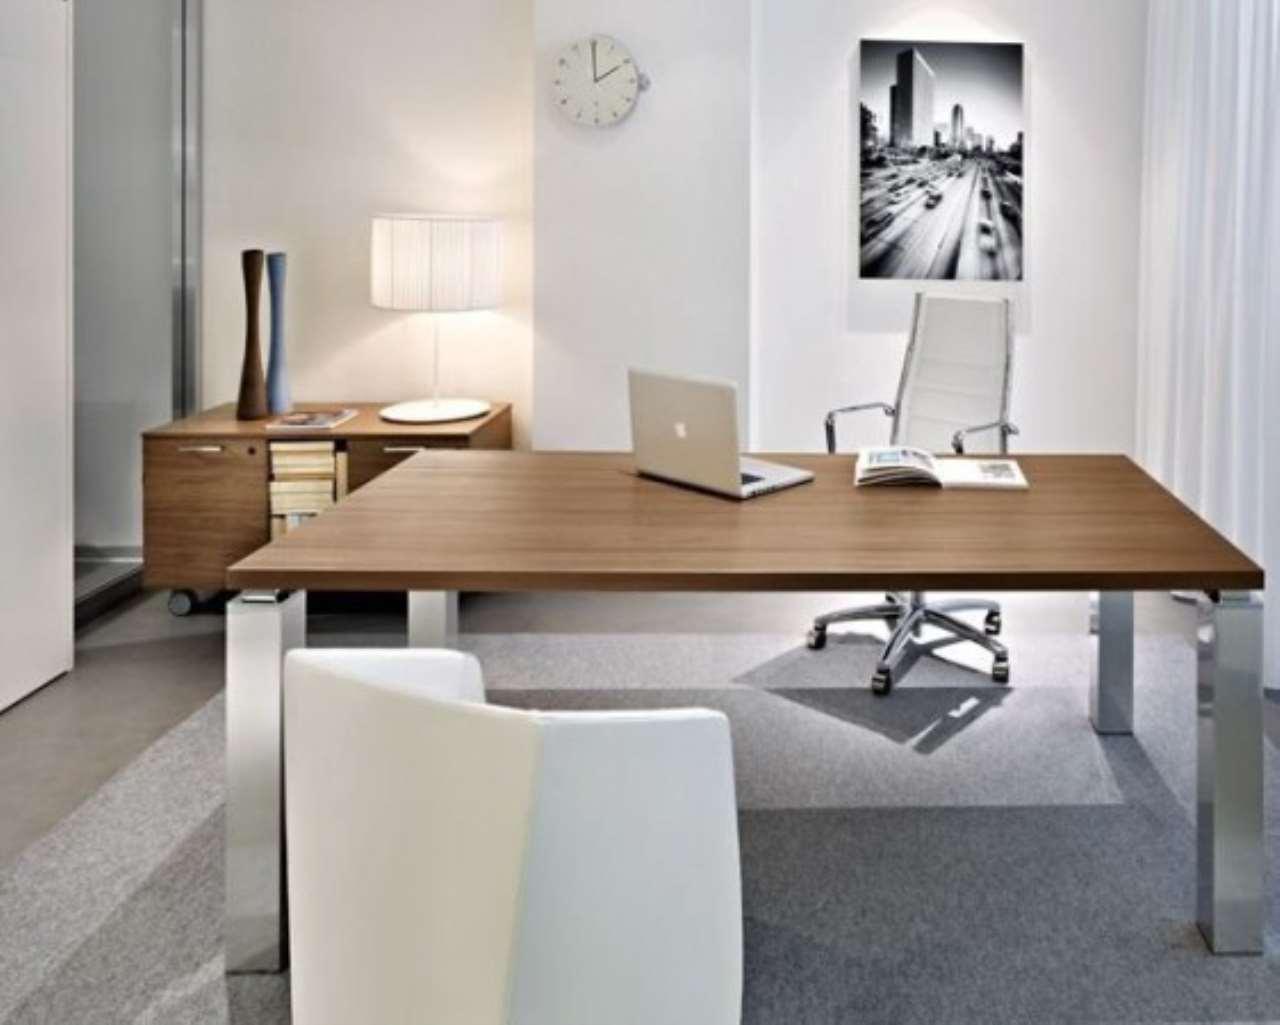 Ufficio / Studio in vendita a Senigallia, 1 locali, prezzo € 100.000 | CambioCasa.it